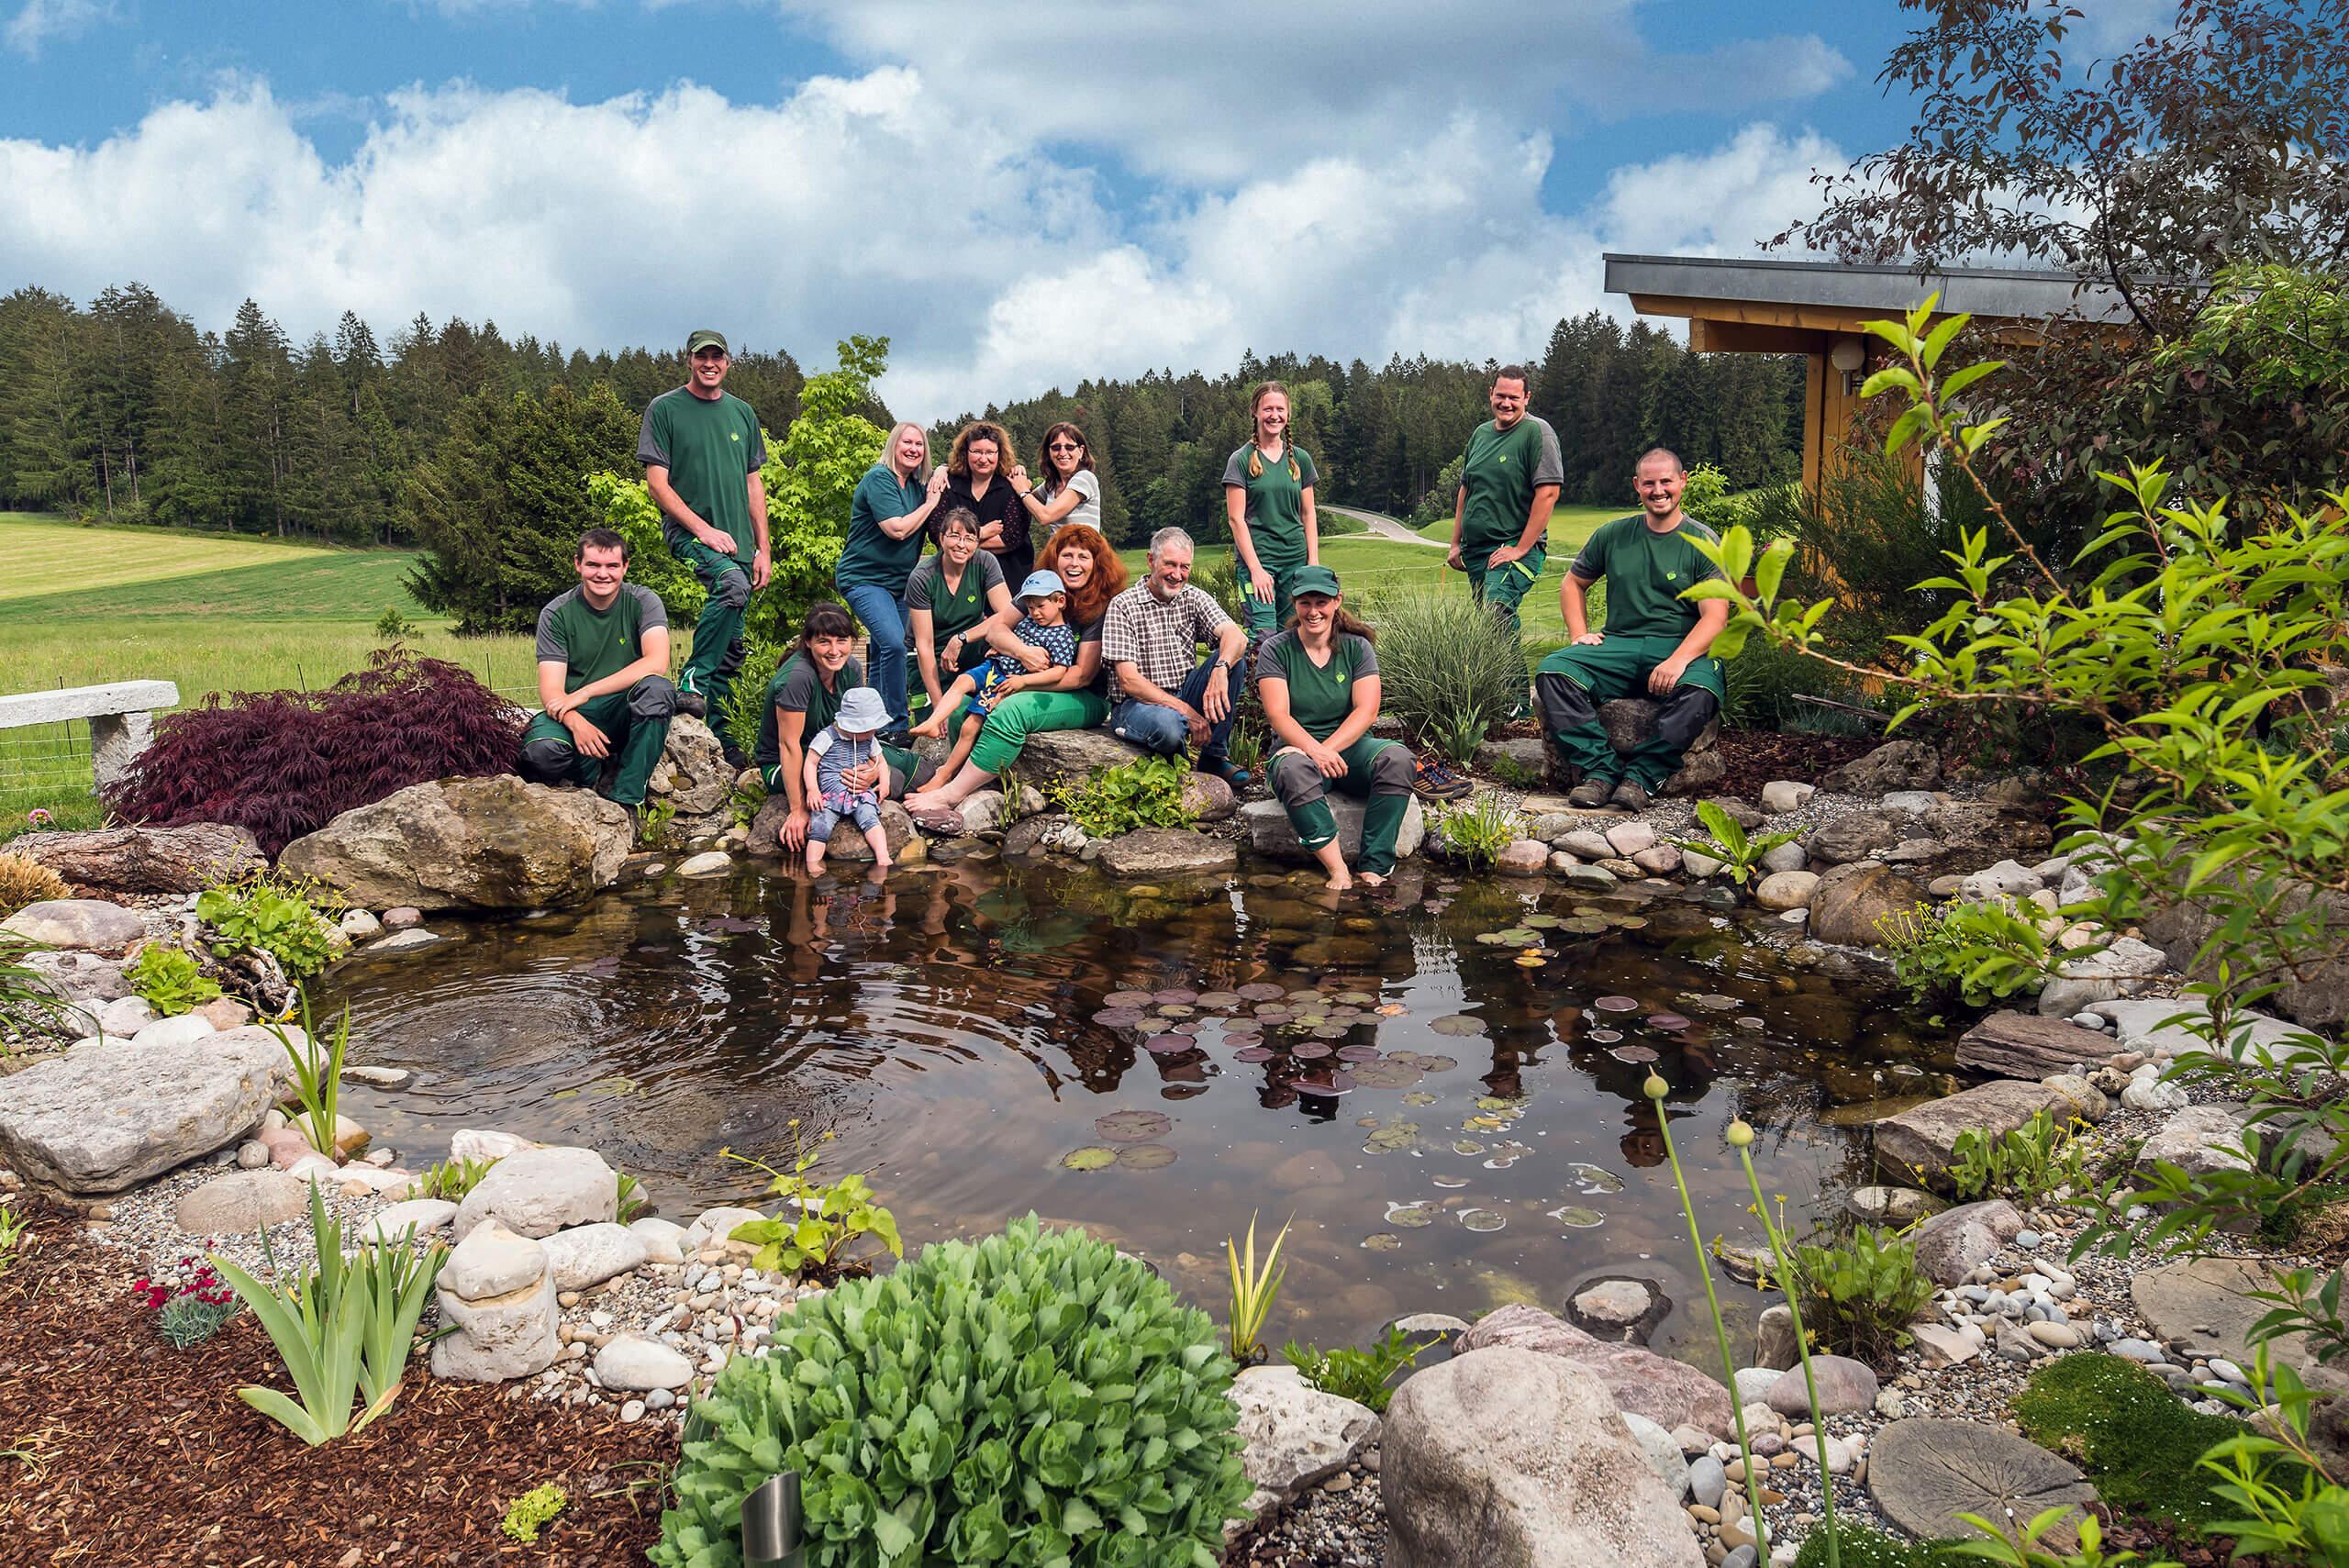 gartenbau-landschaftsbau-teich-team-gerteiser